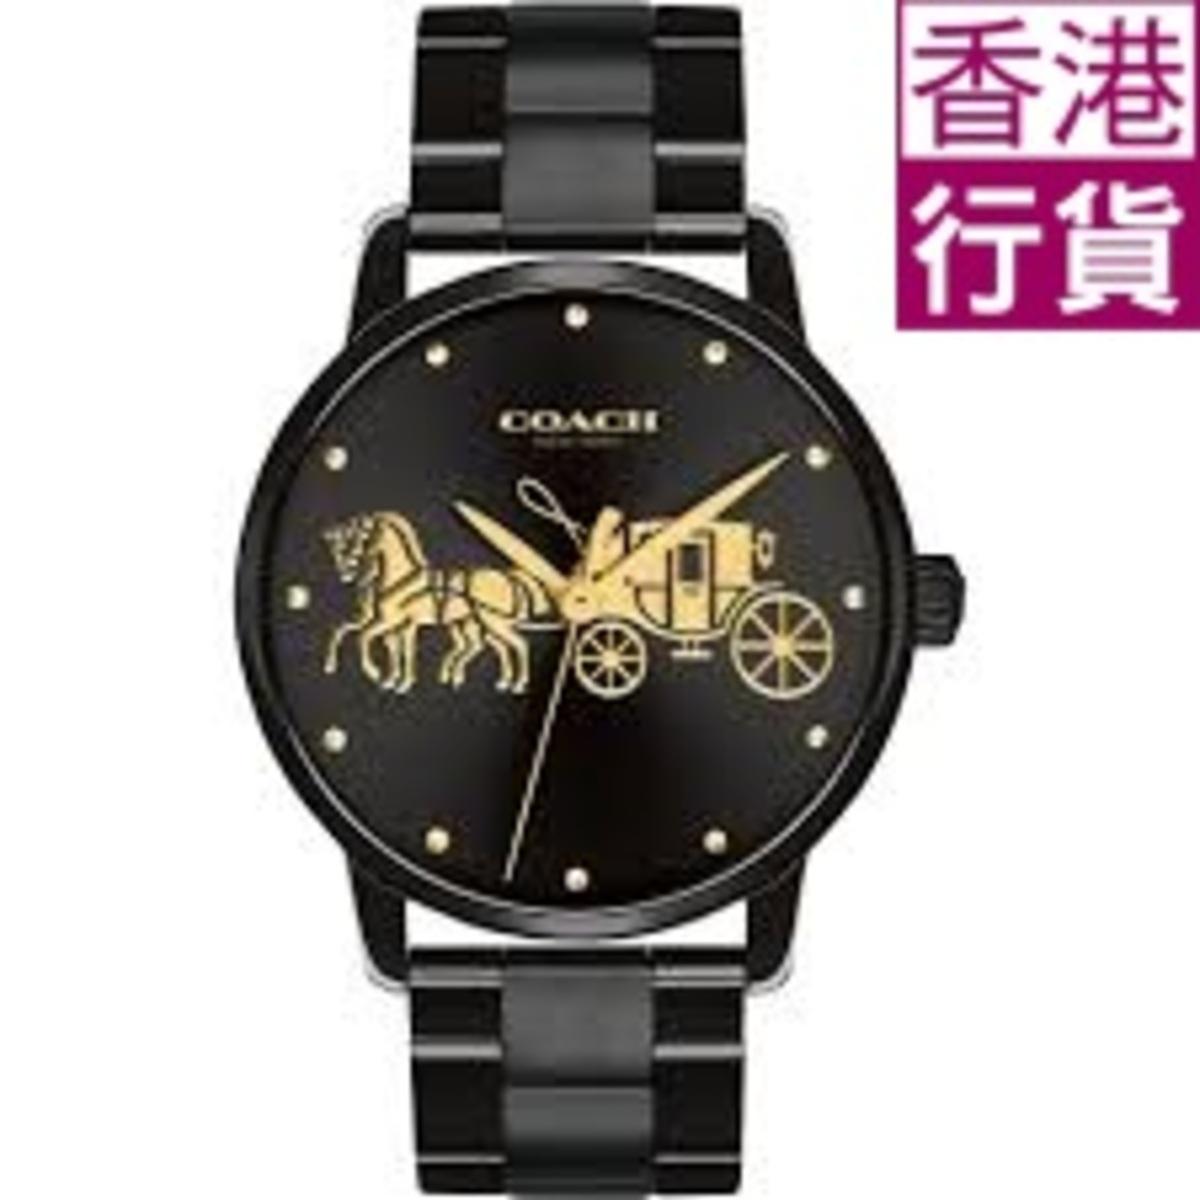 女裝腕錶 香港行貨 <2年原廠保養>14502925